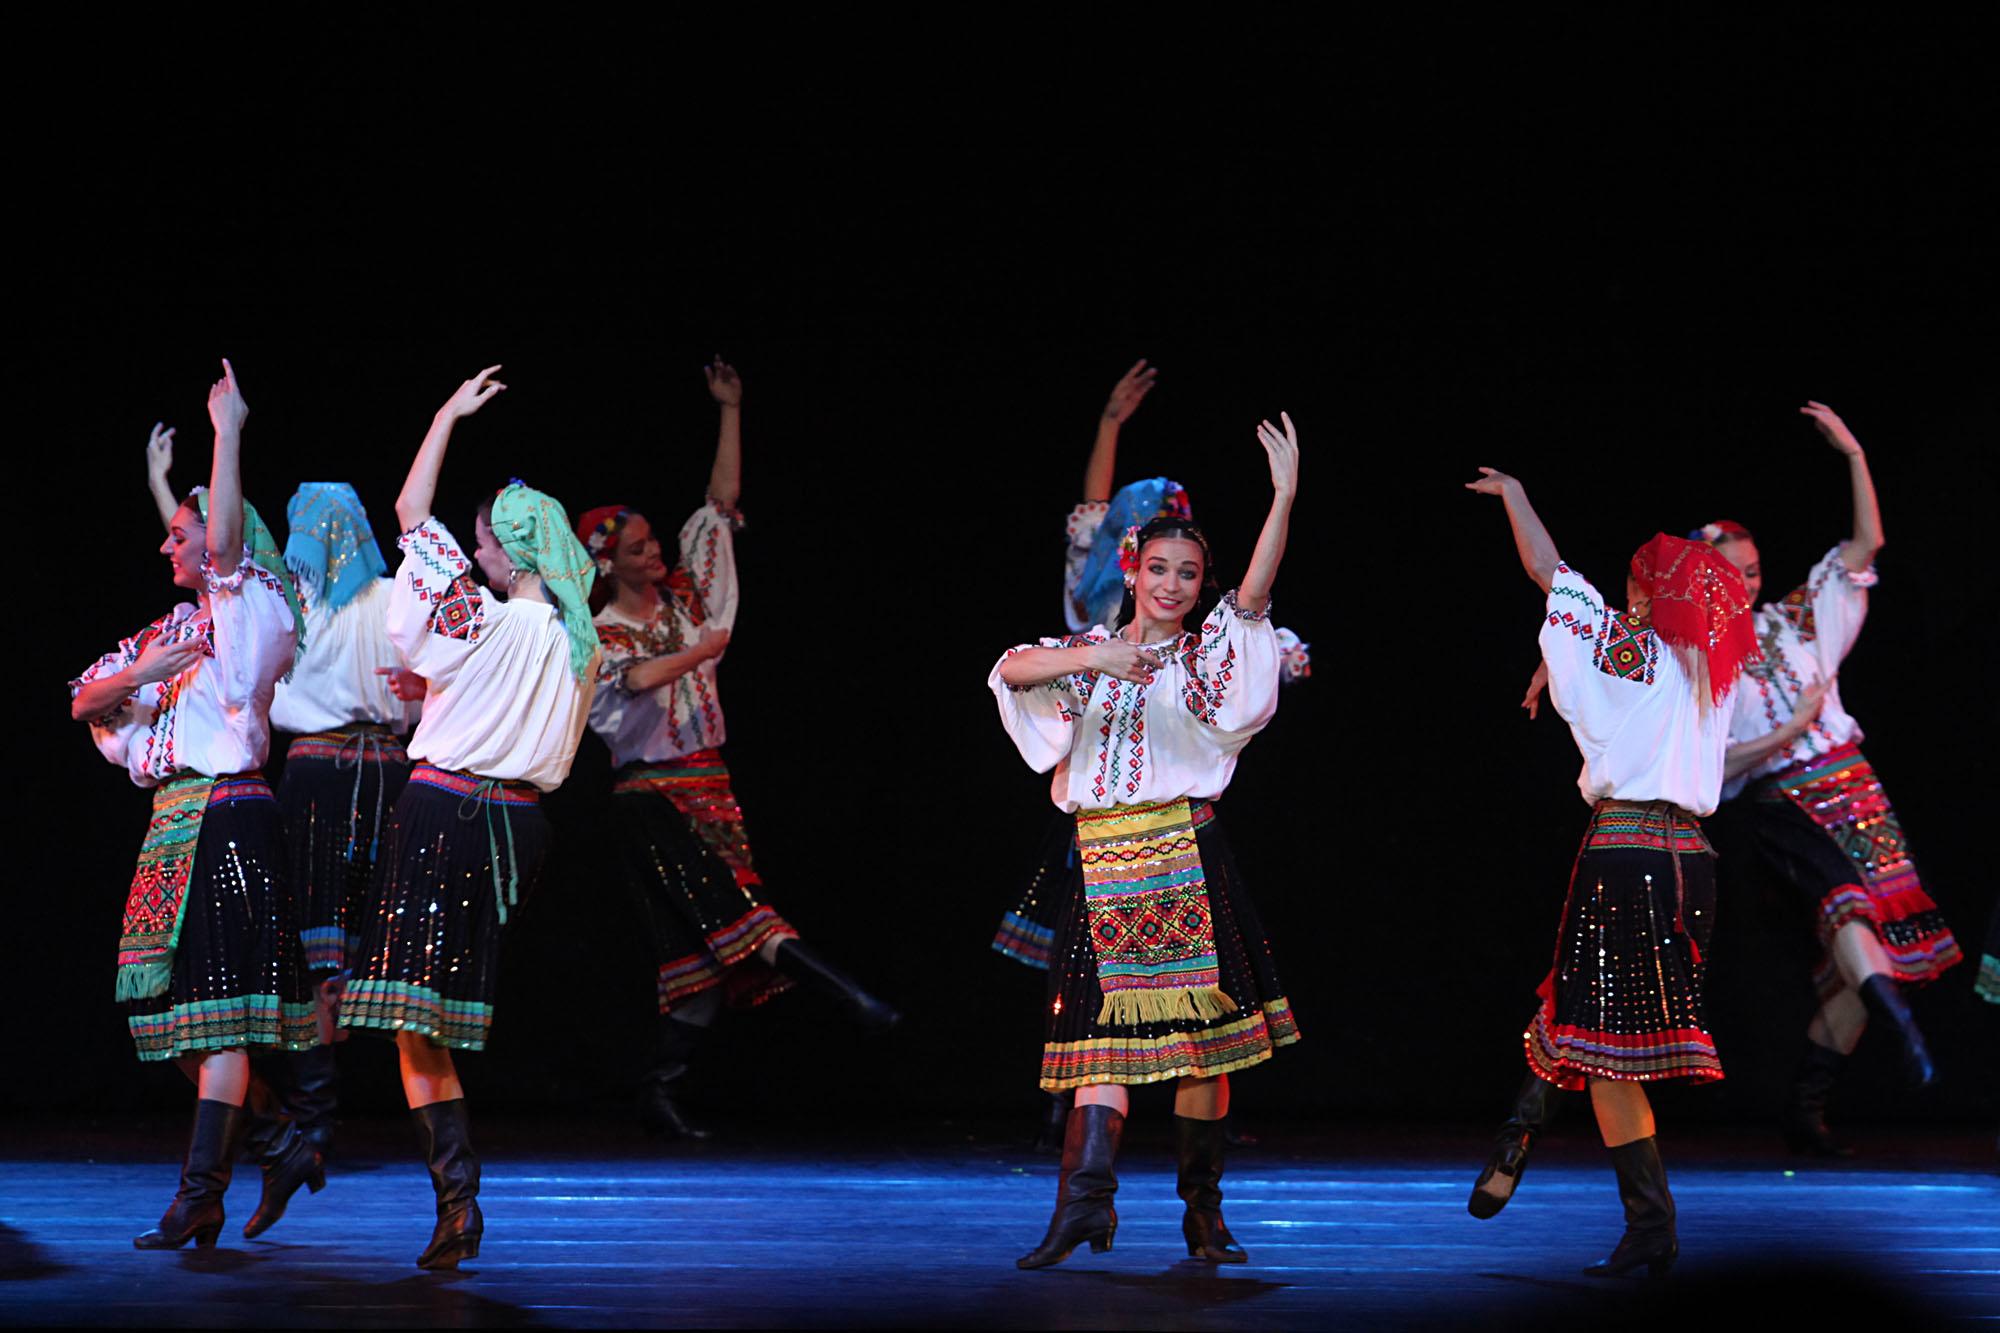 Repertoar ansambel ini mencakup berbagai tarian asal Rusia, Ukraina, Belarus, Moldova, Lituania, dan lain-lain. Kelompok ini juga menampilkan tarian Tatar Krimea dan bahkan tarian-tarian asal Amerika Latin.